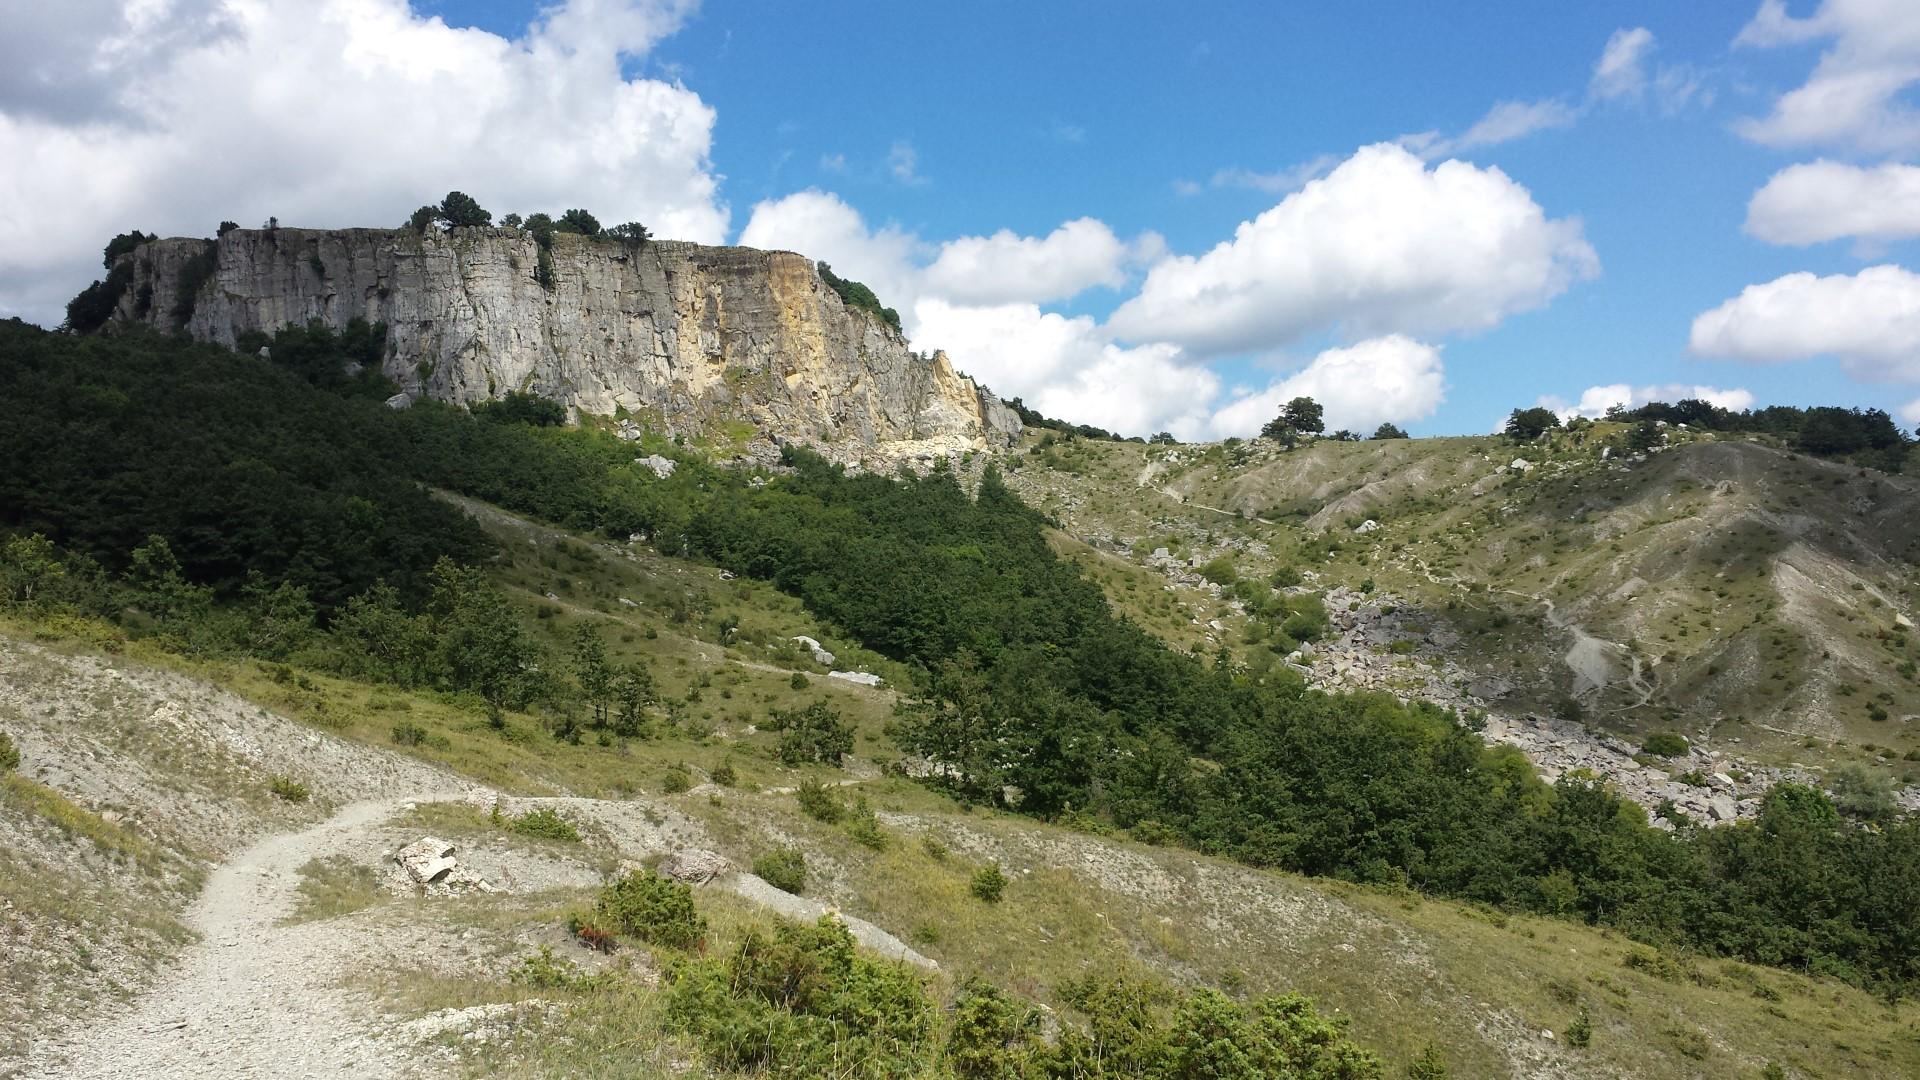 Sentiero che sale sul Sasso di Simone dal versante sud - Sasso di Simone e Simoncello